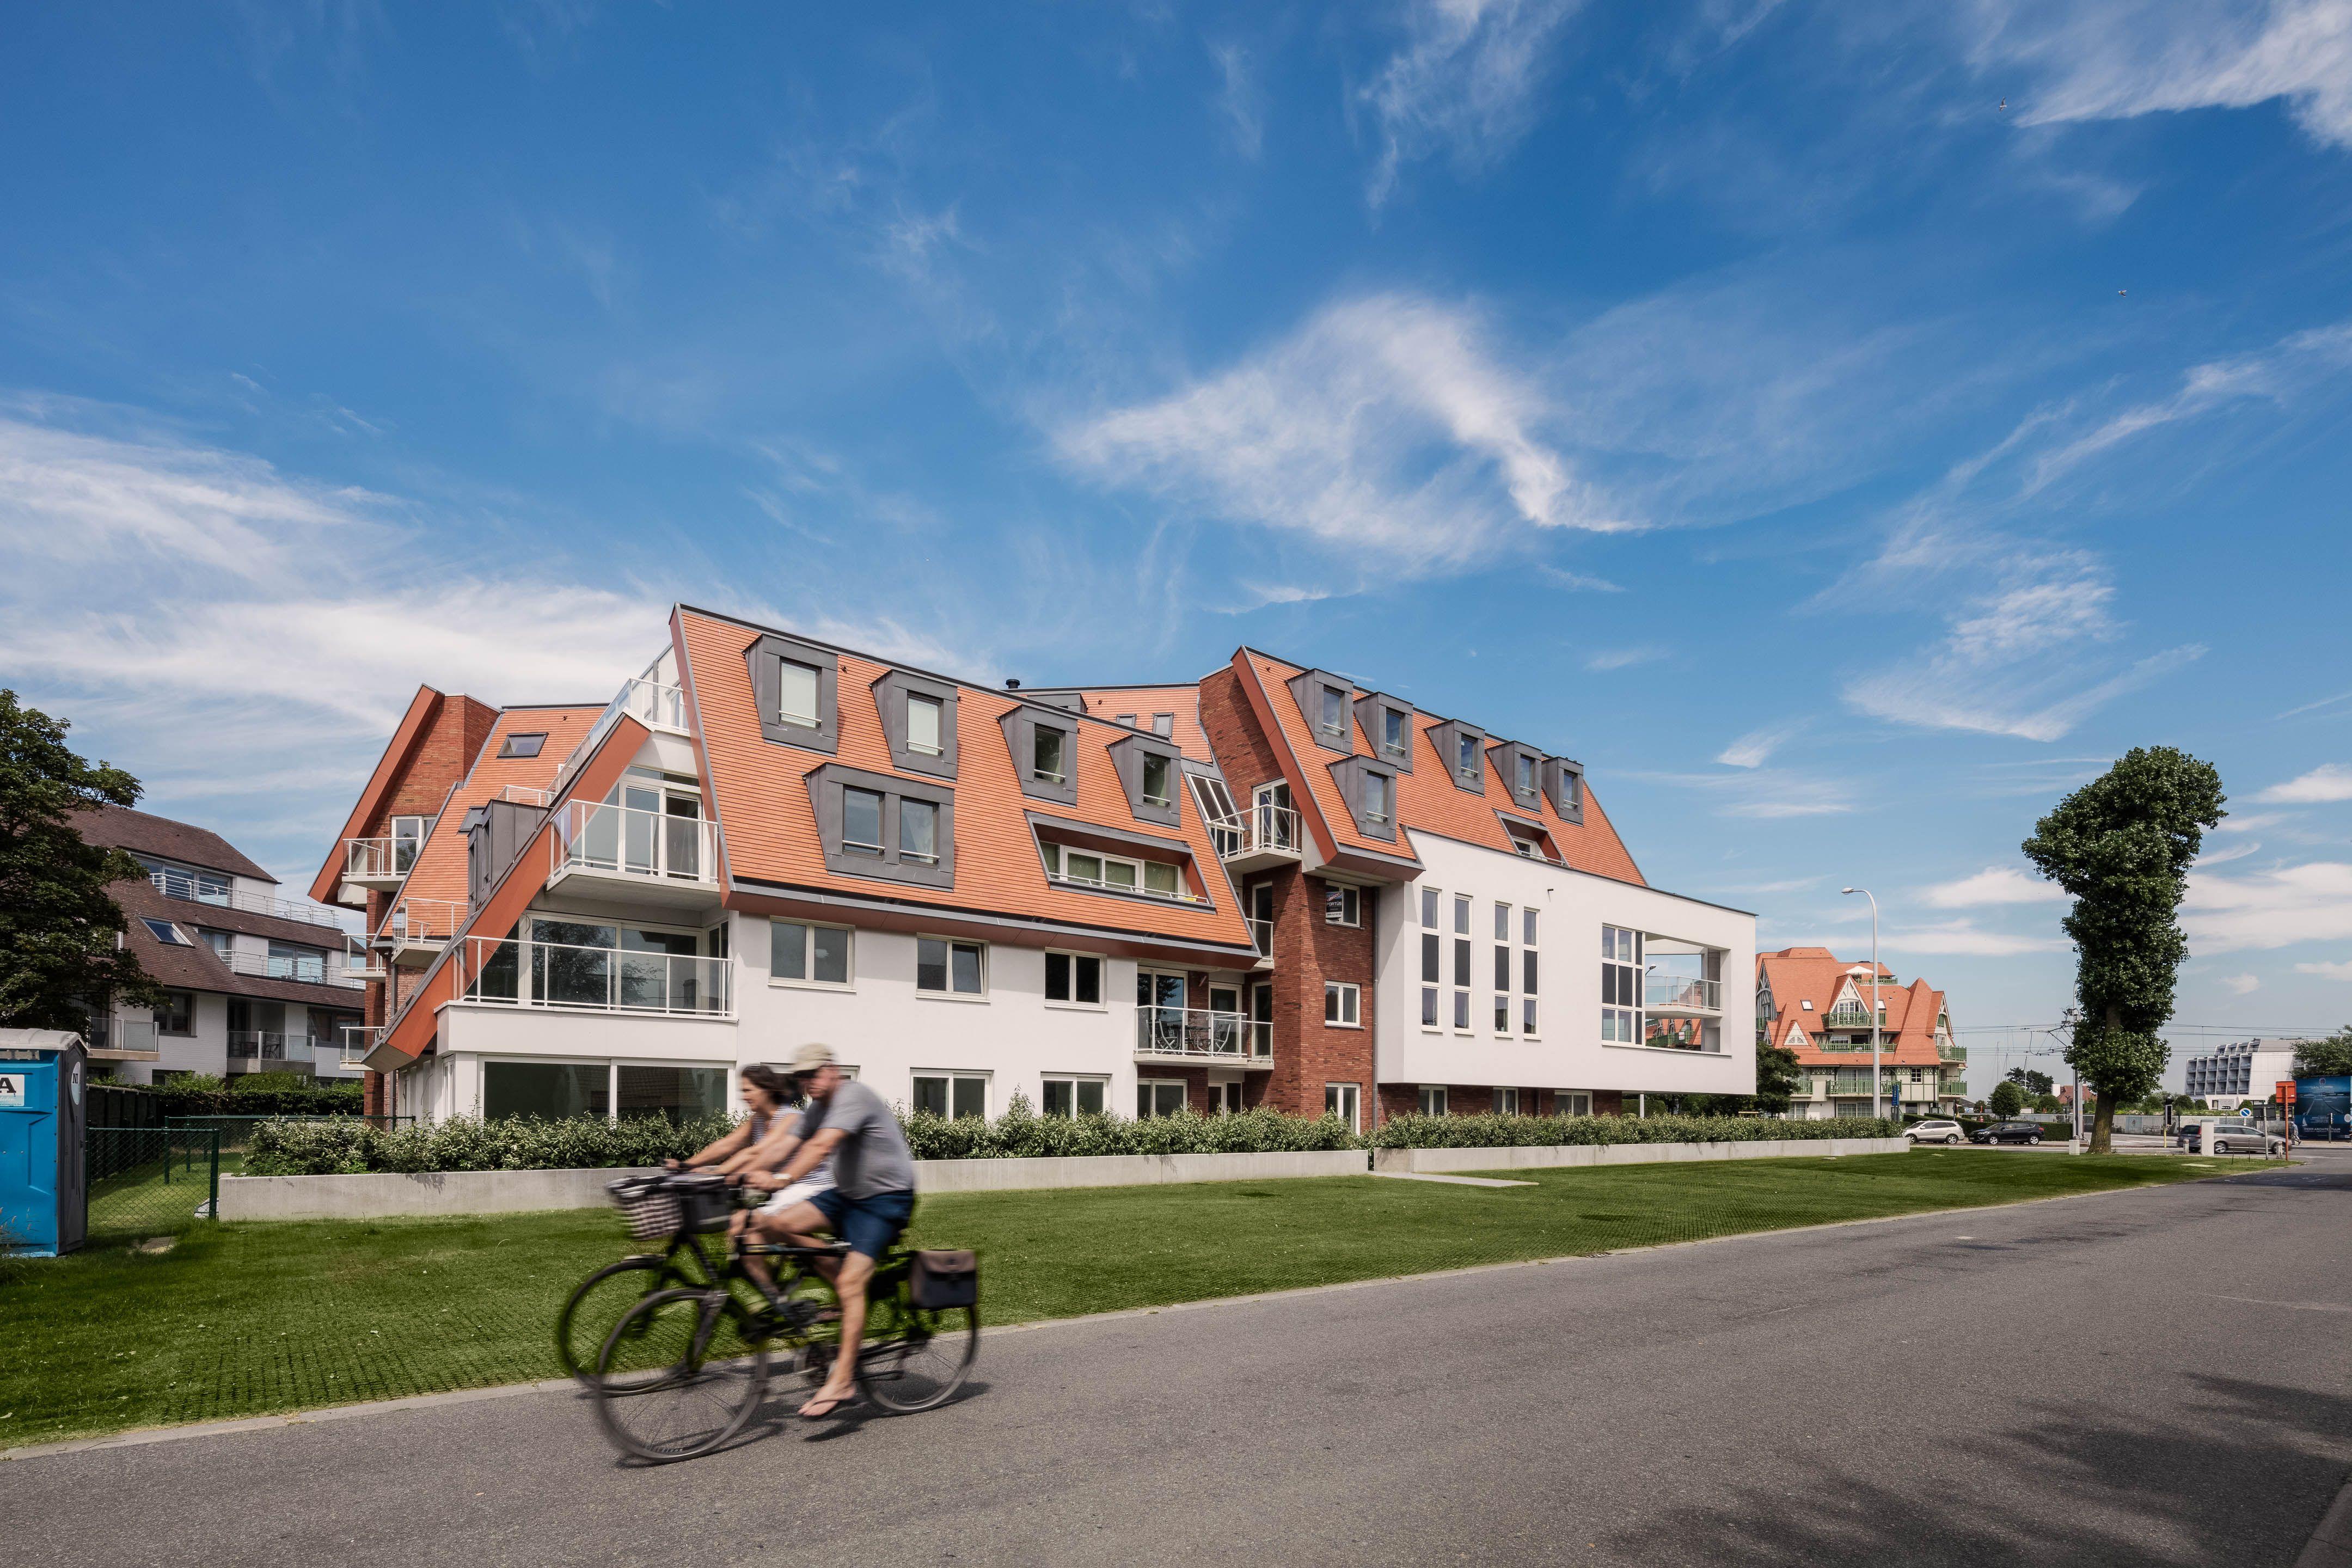 Appartement Residentie Villa Crombez Nieuwpoort - 9270